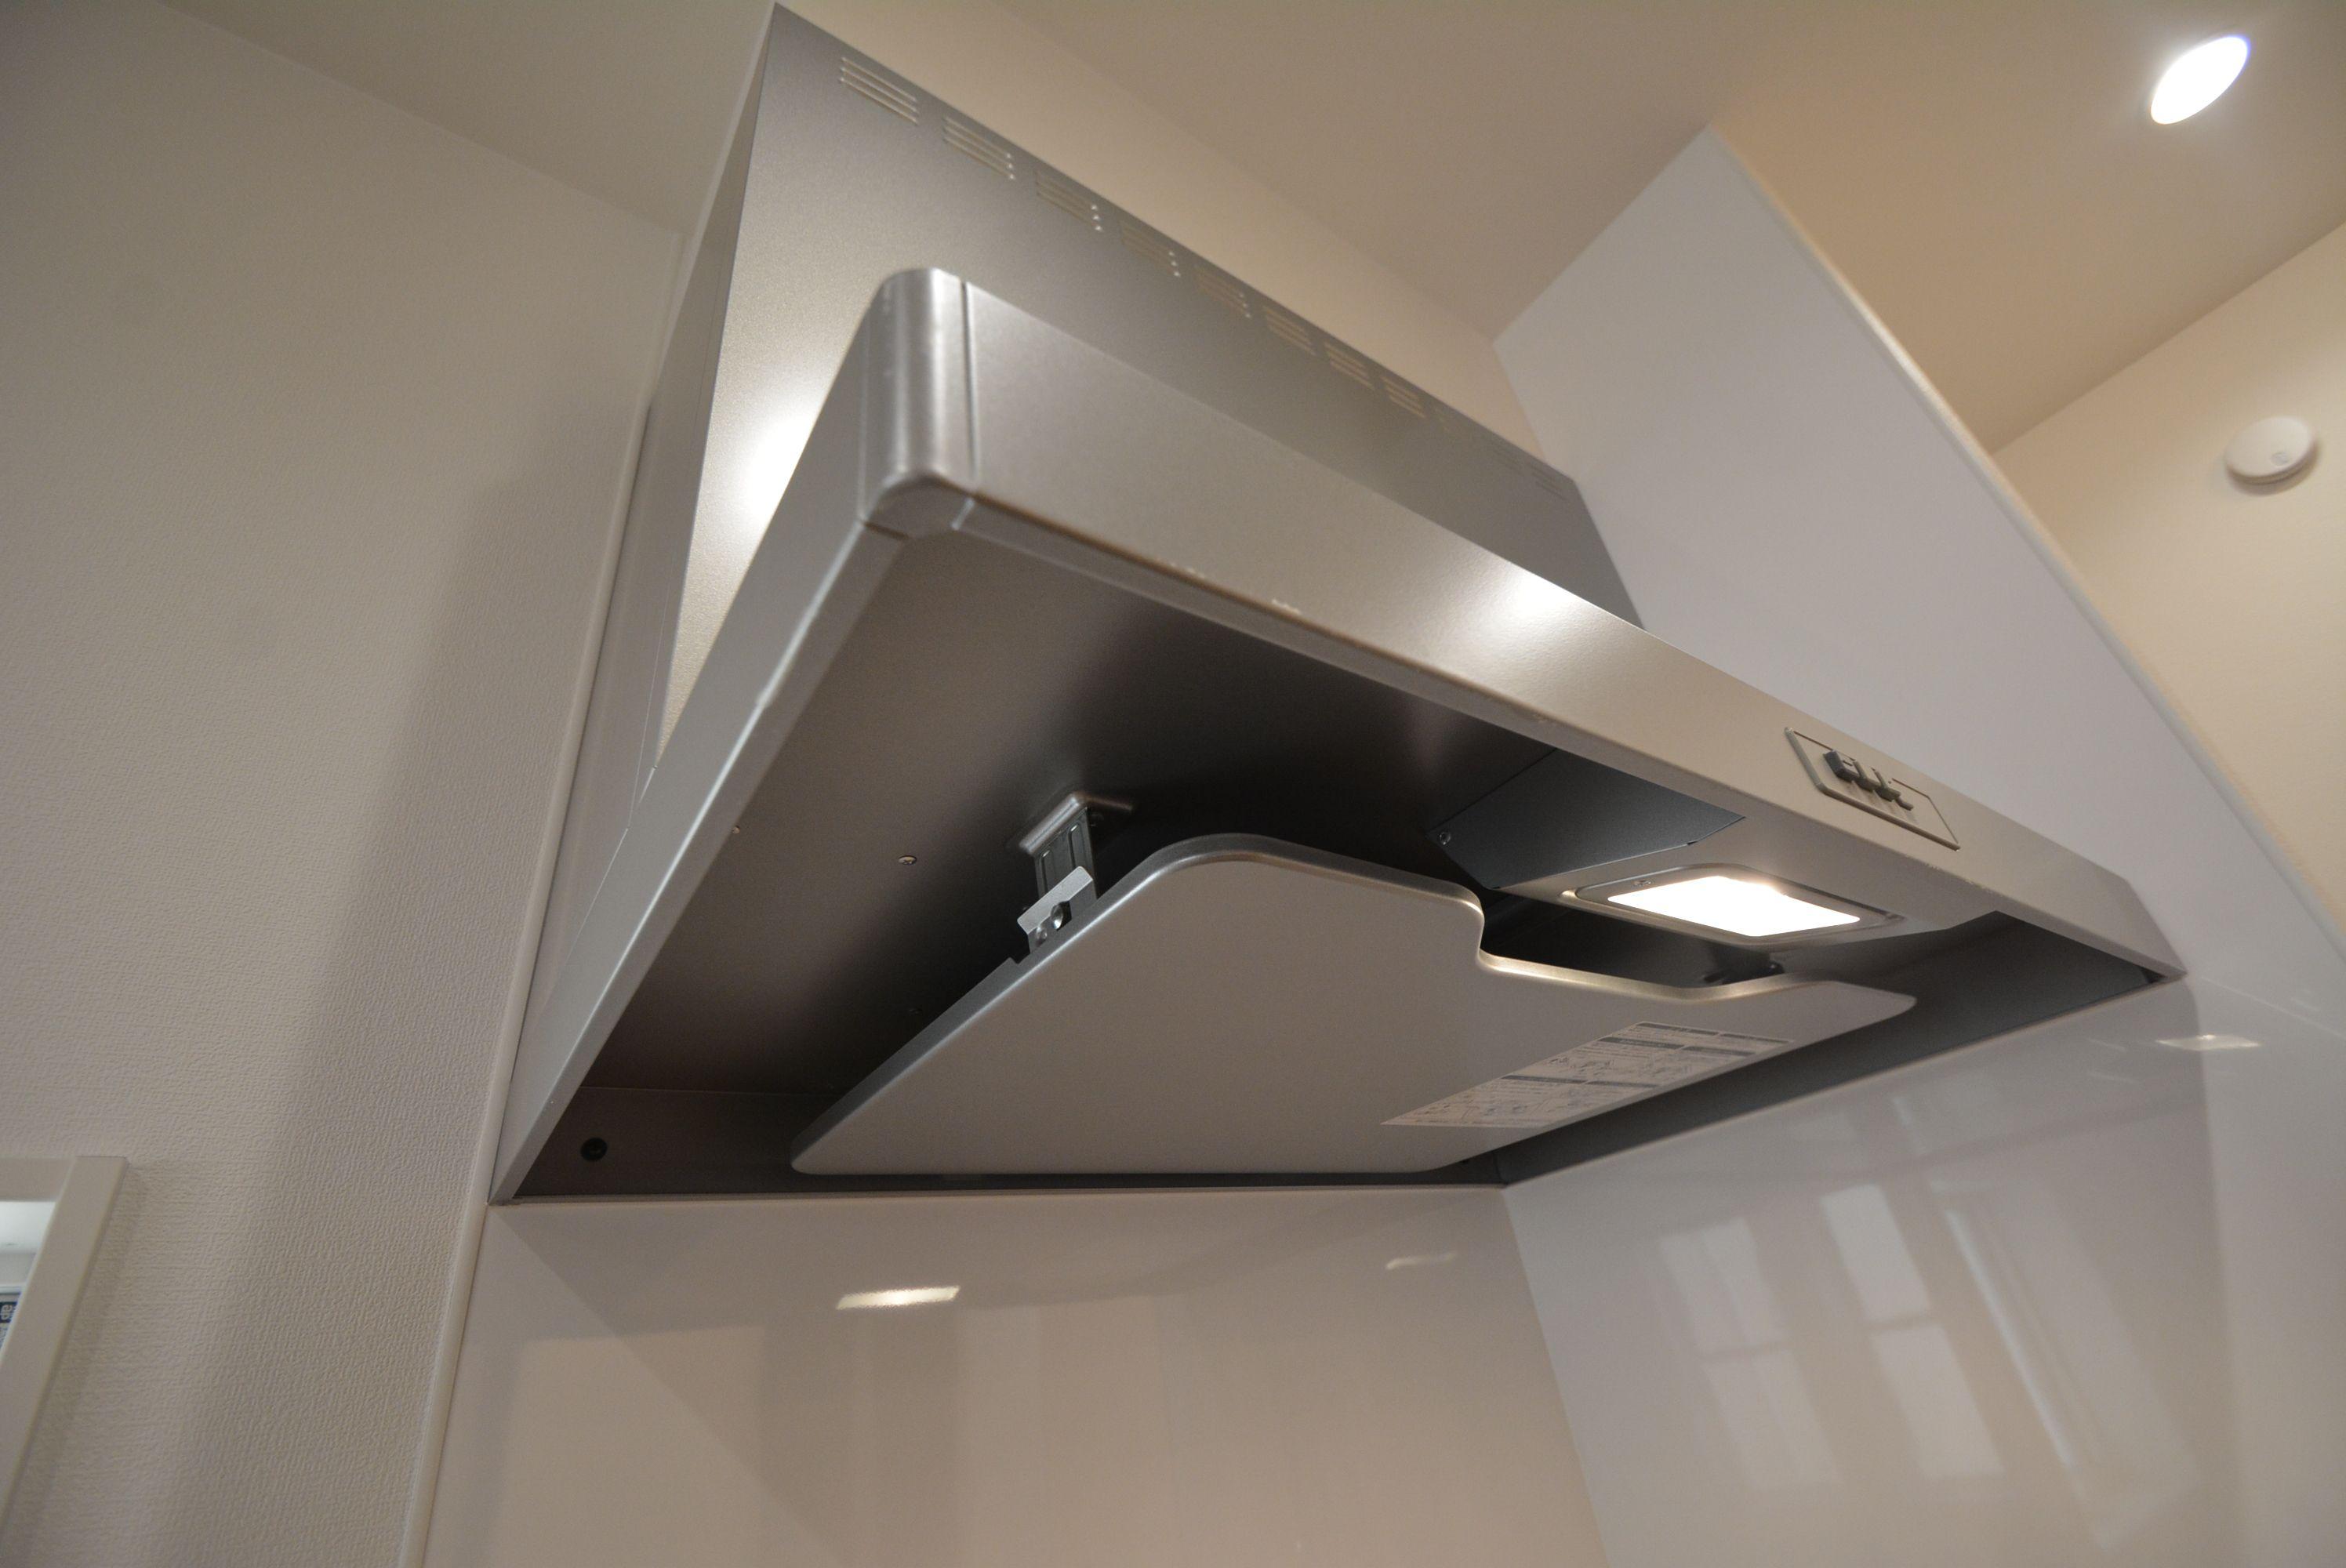 キッチン 換気扇 お掃除 2020 換気扇 お掃除 レンジフード